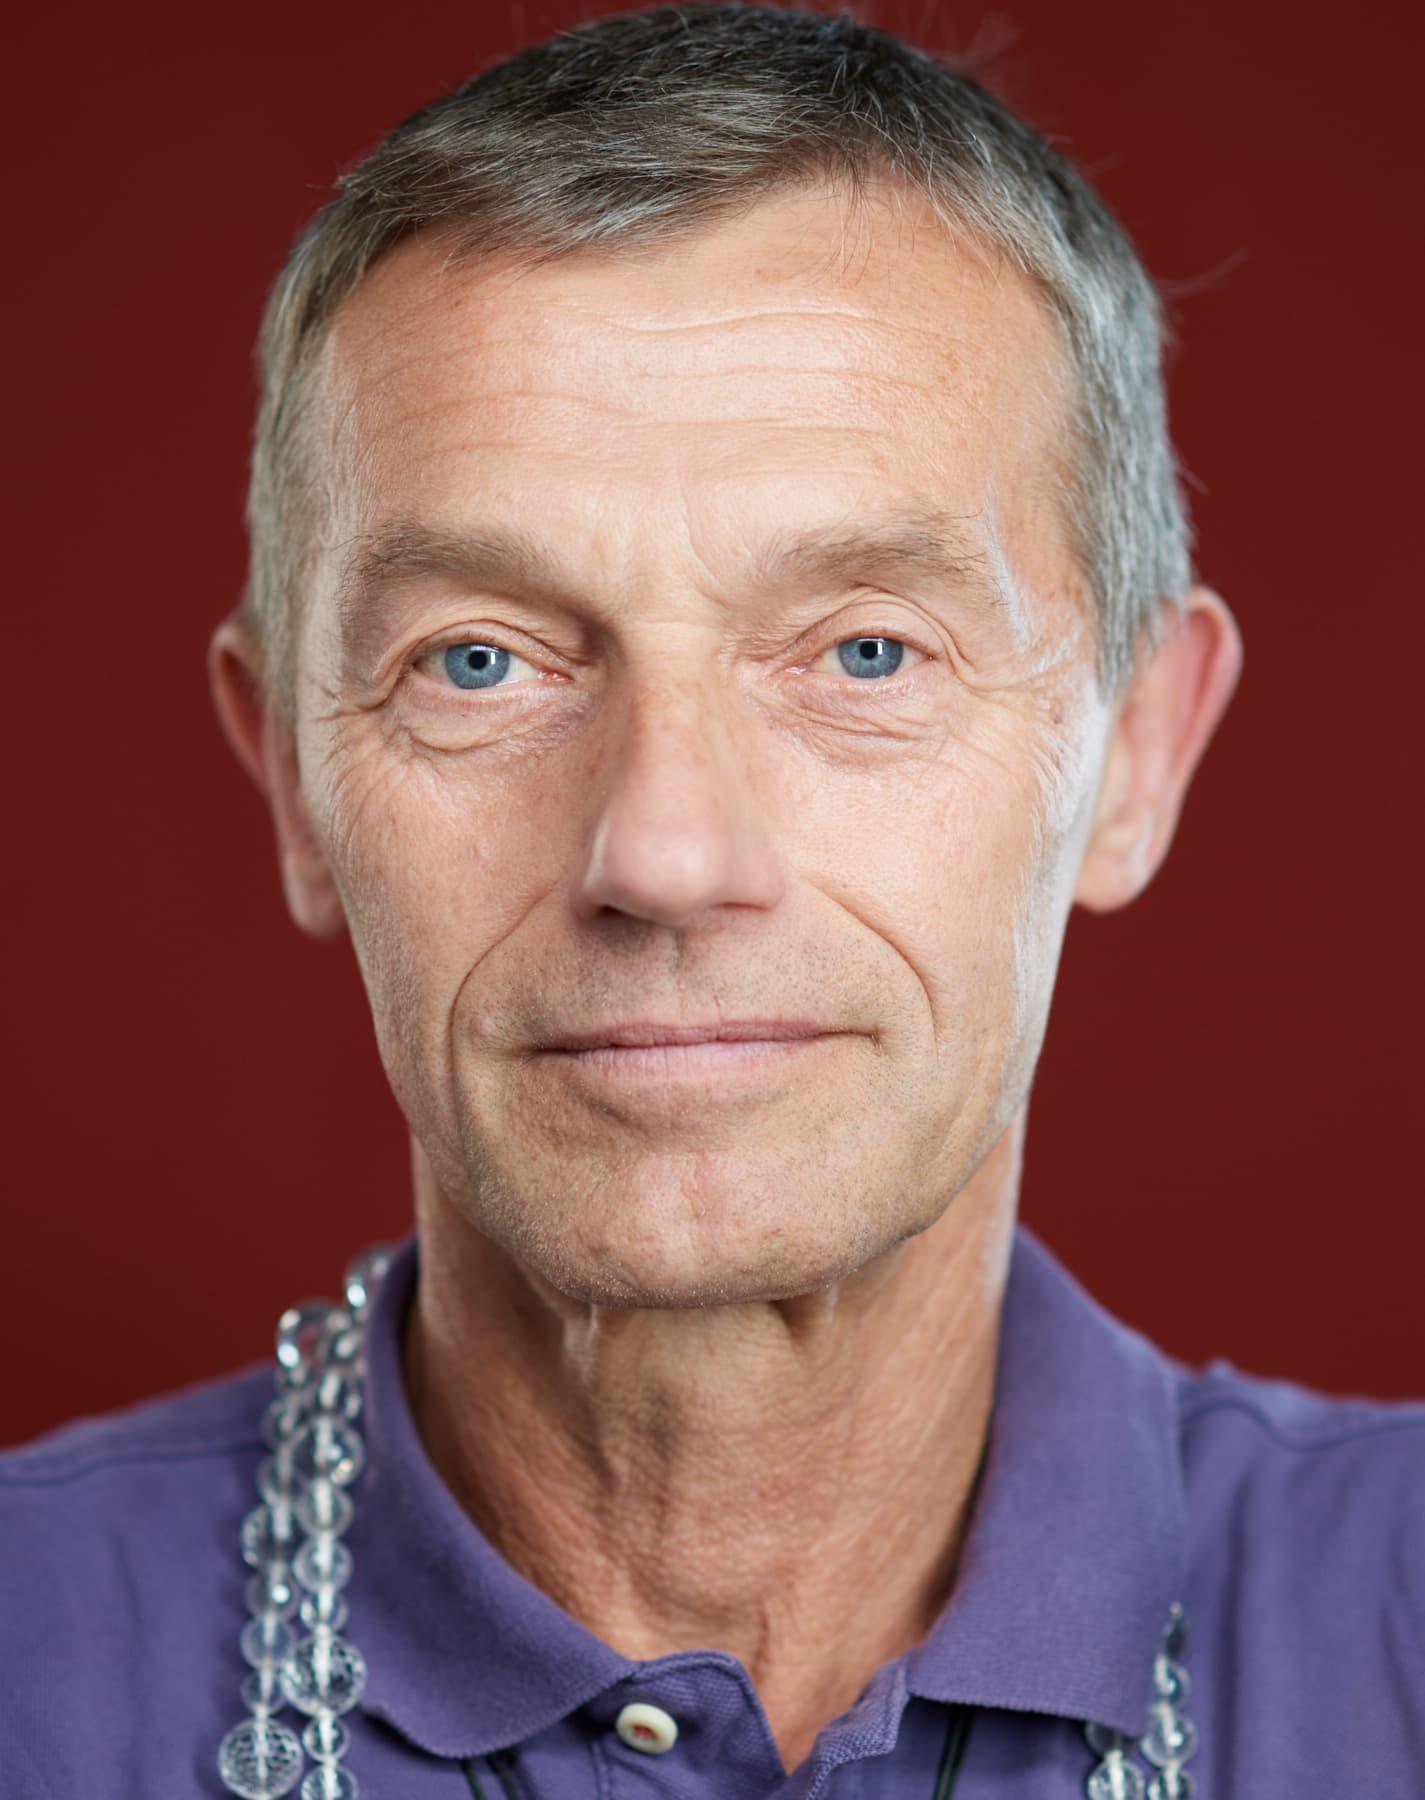 Portrait von einem sportlichen Mann vor rotem Hintergrund